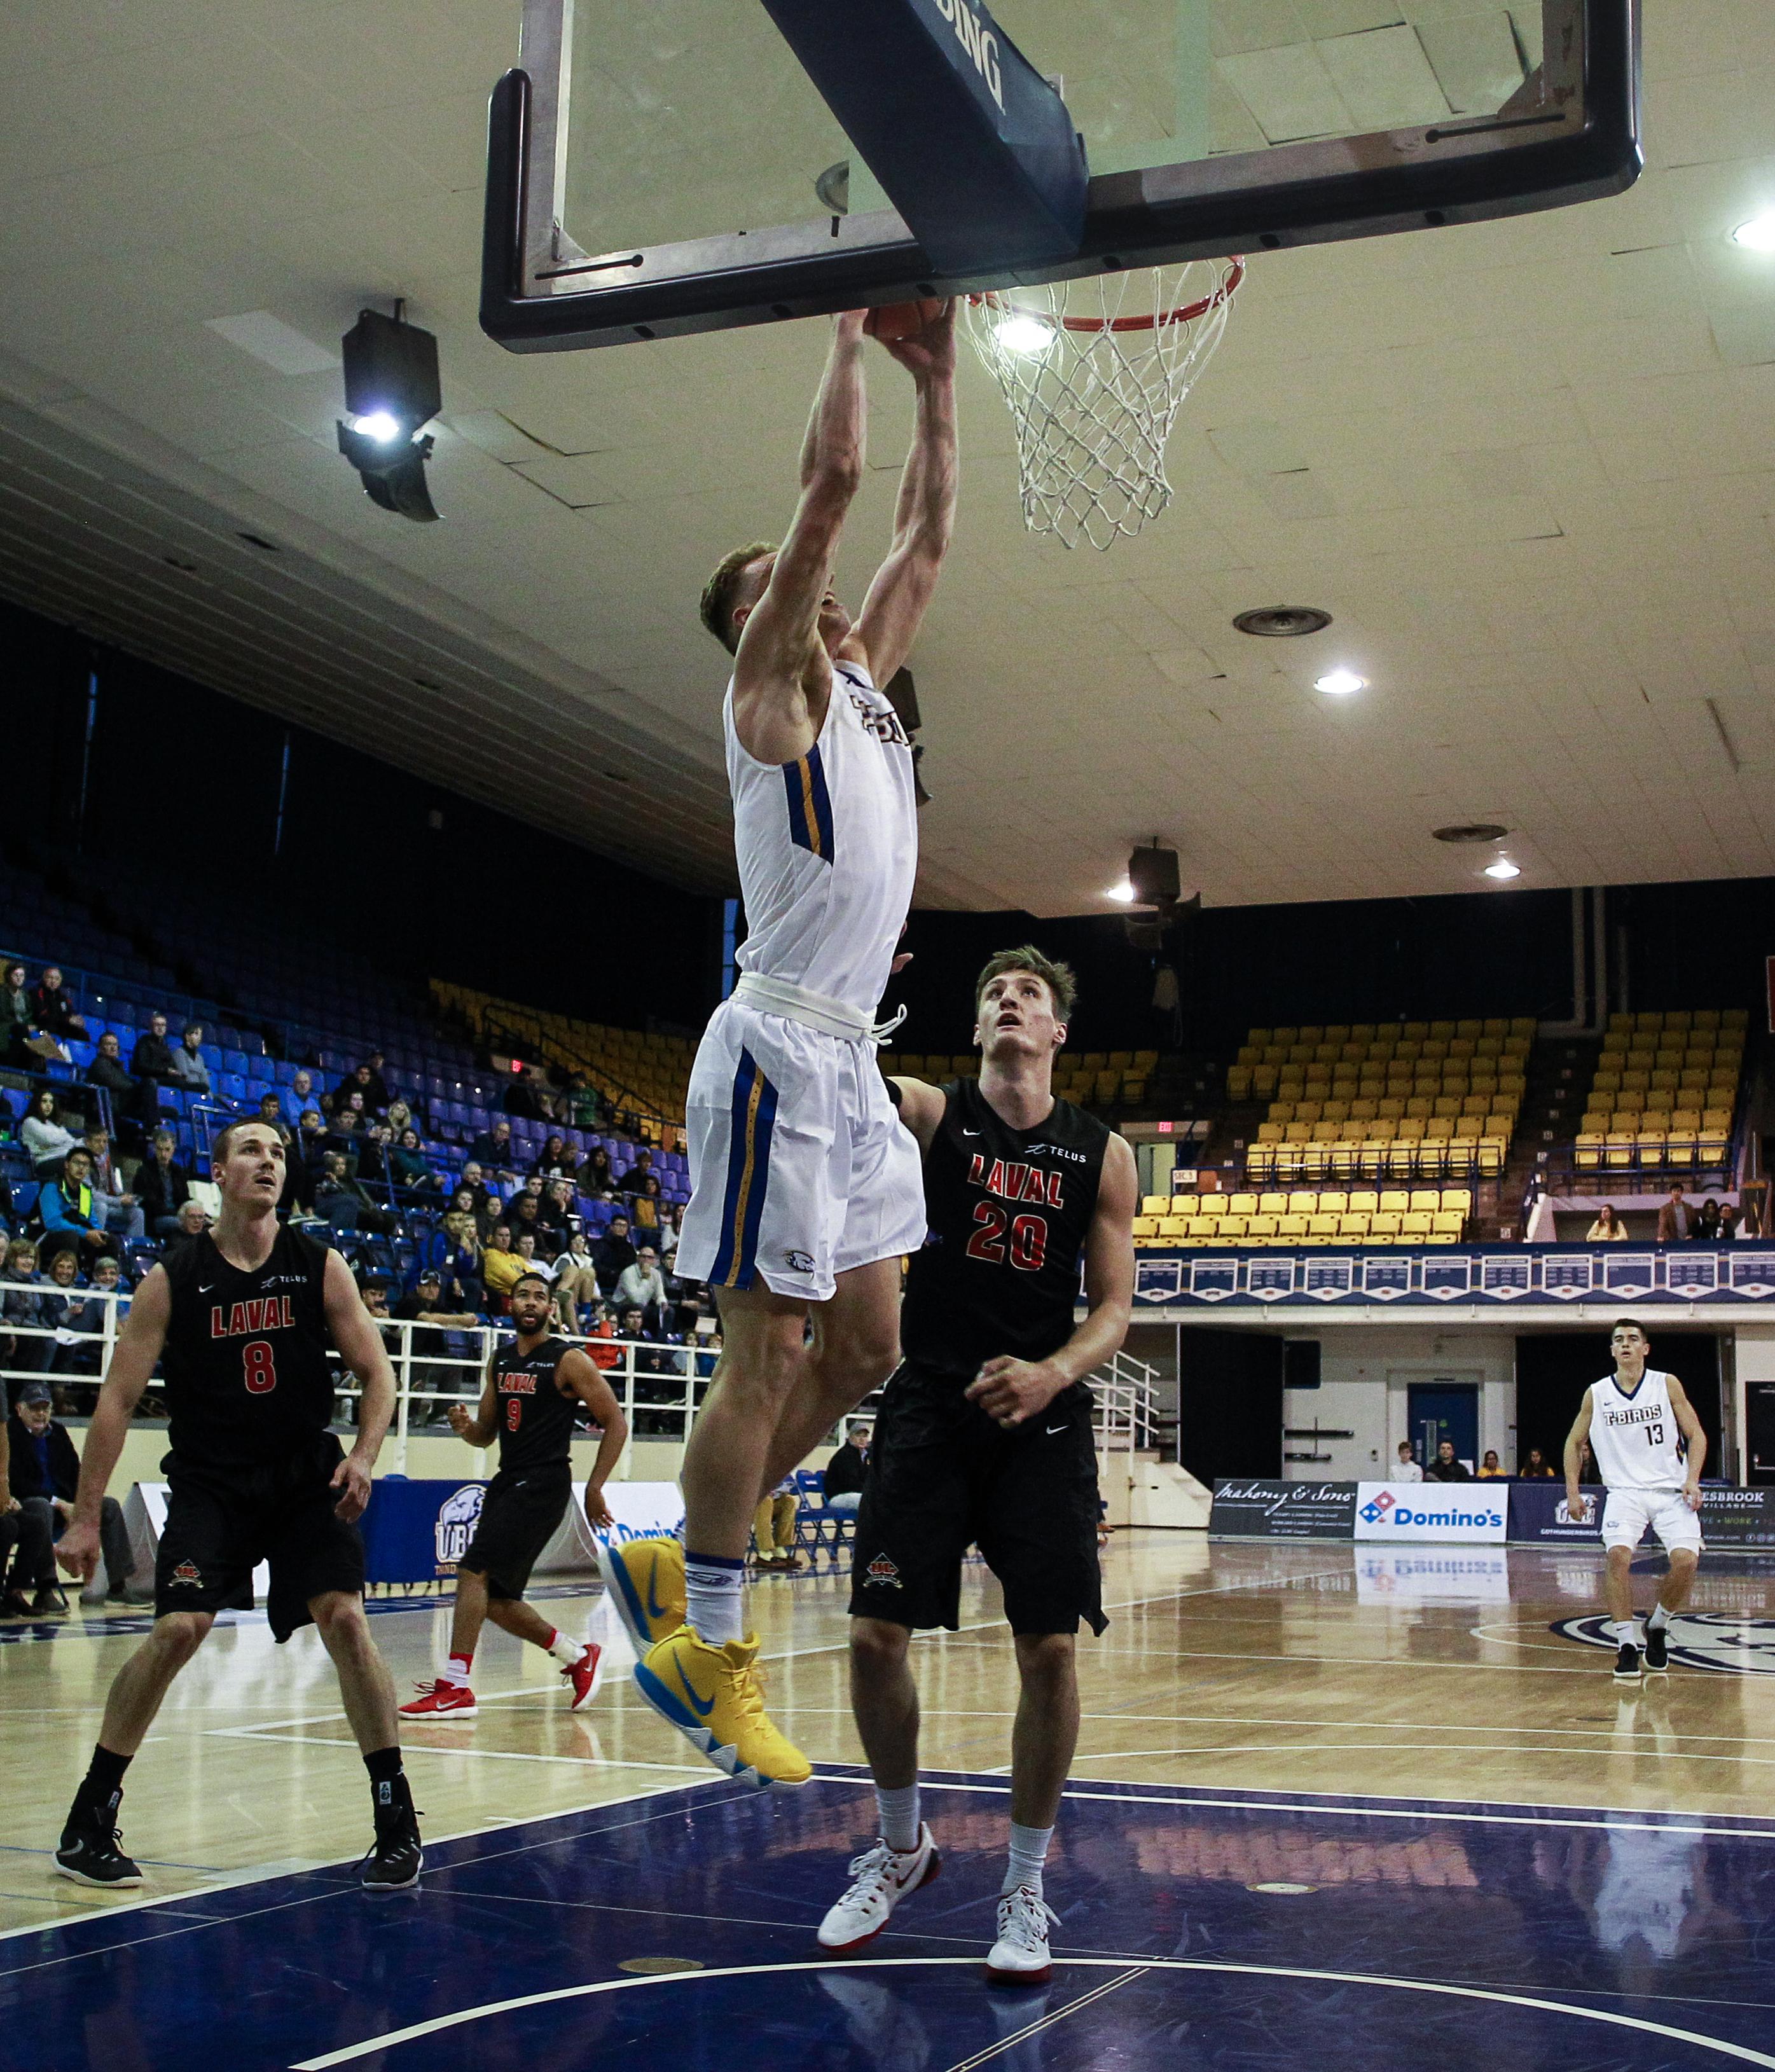 Grant Shephard dunks the ball for UBC.